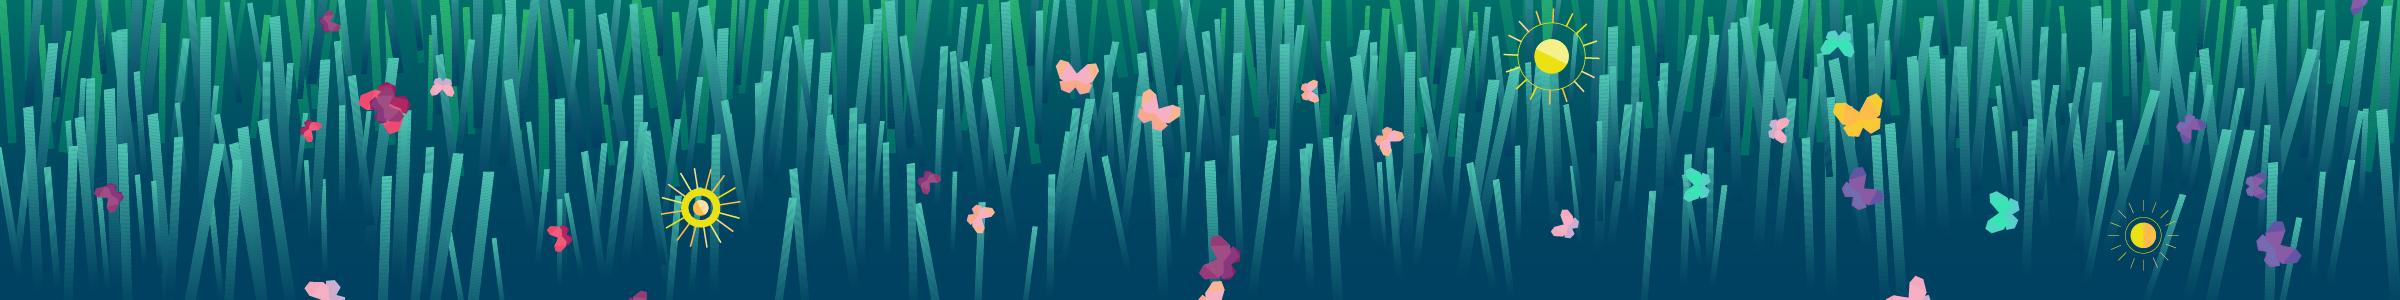 Grass-1_Grass-04.jpg